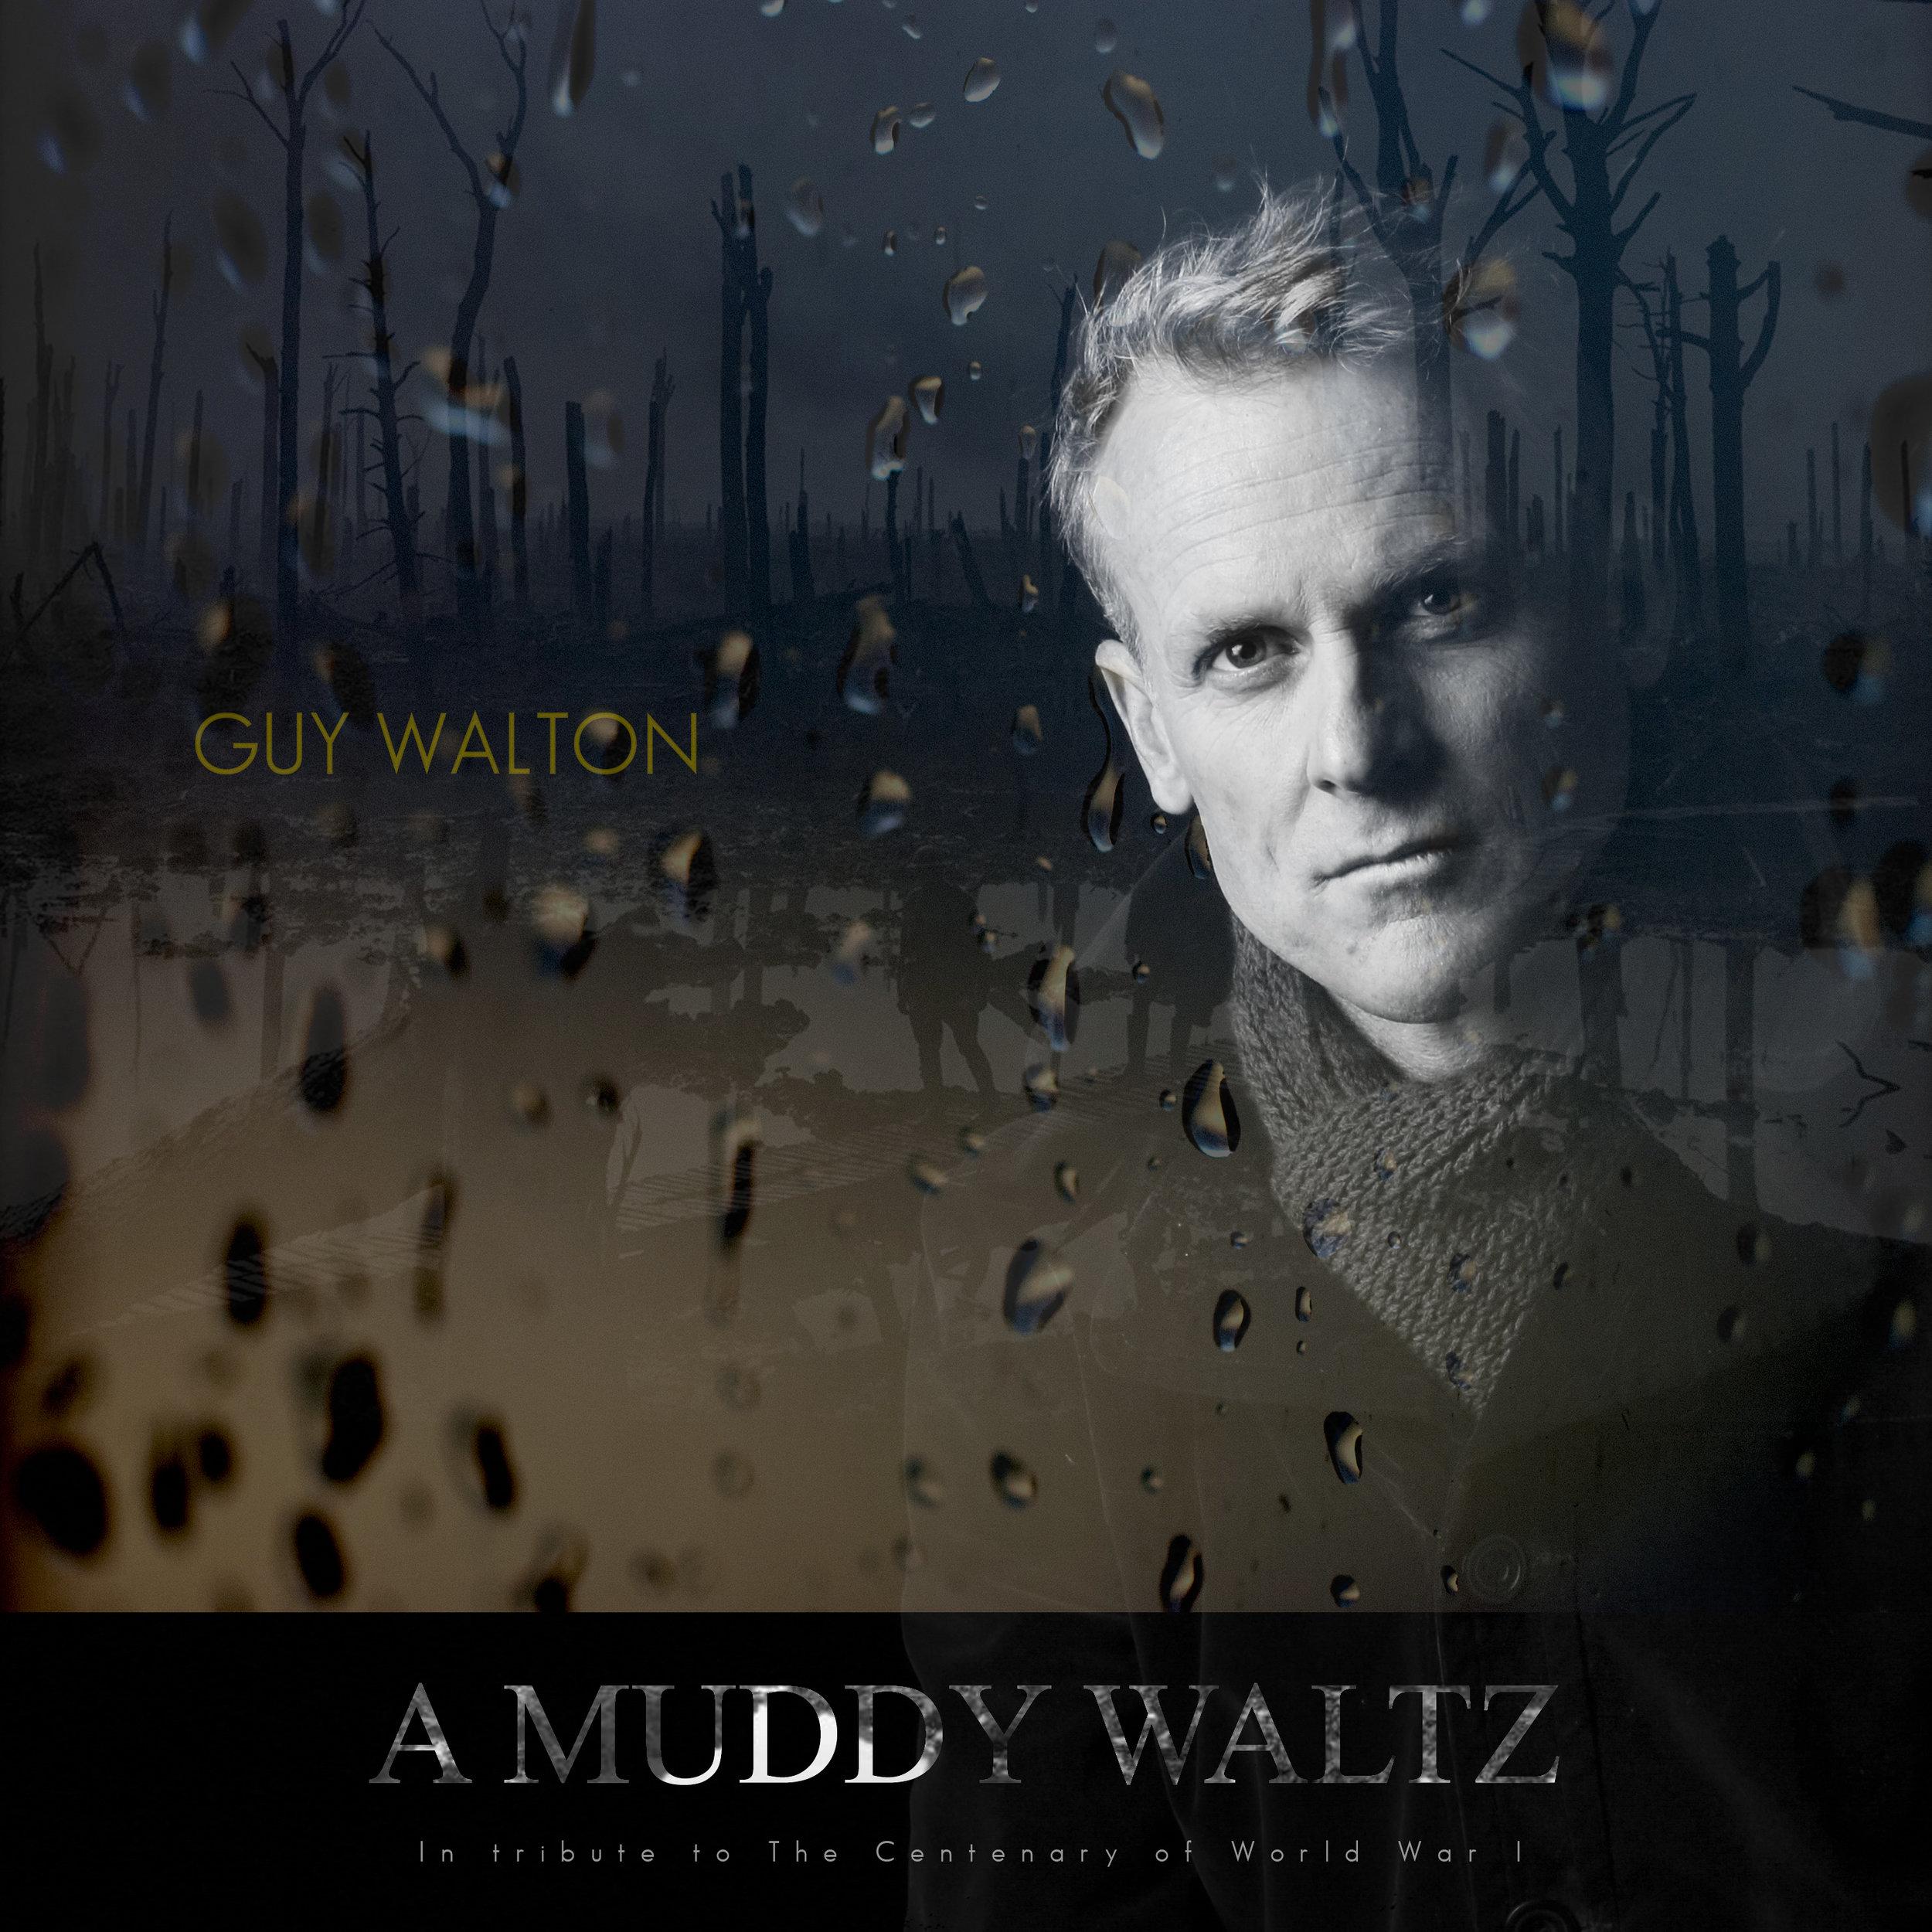 A Muddy waltz -